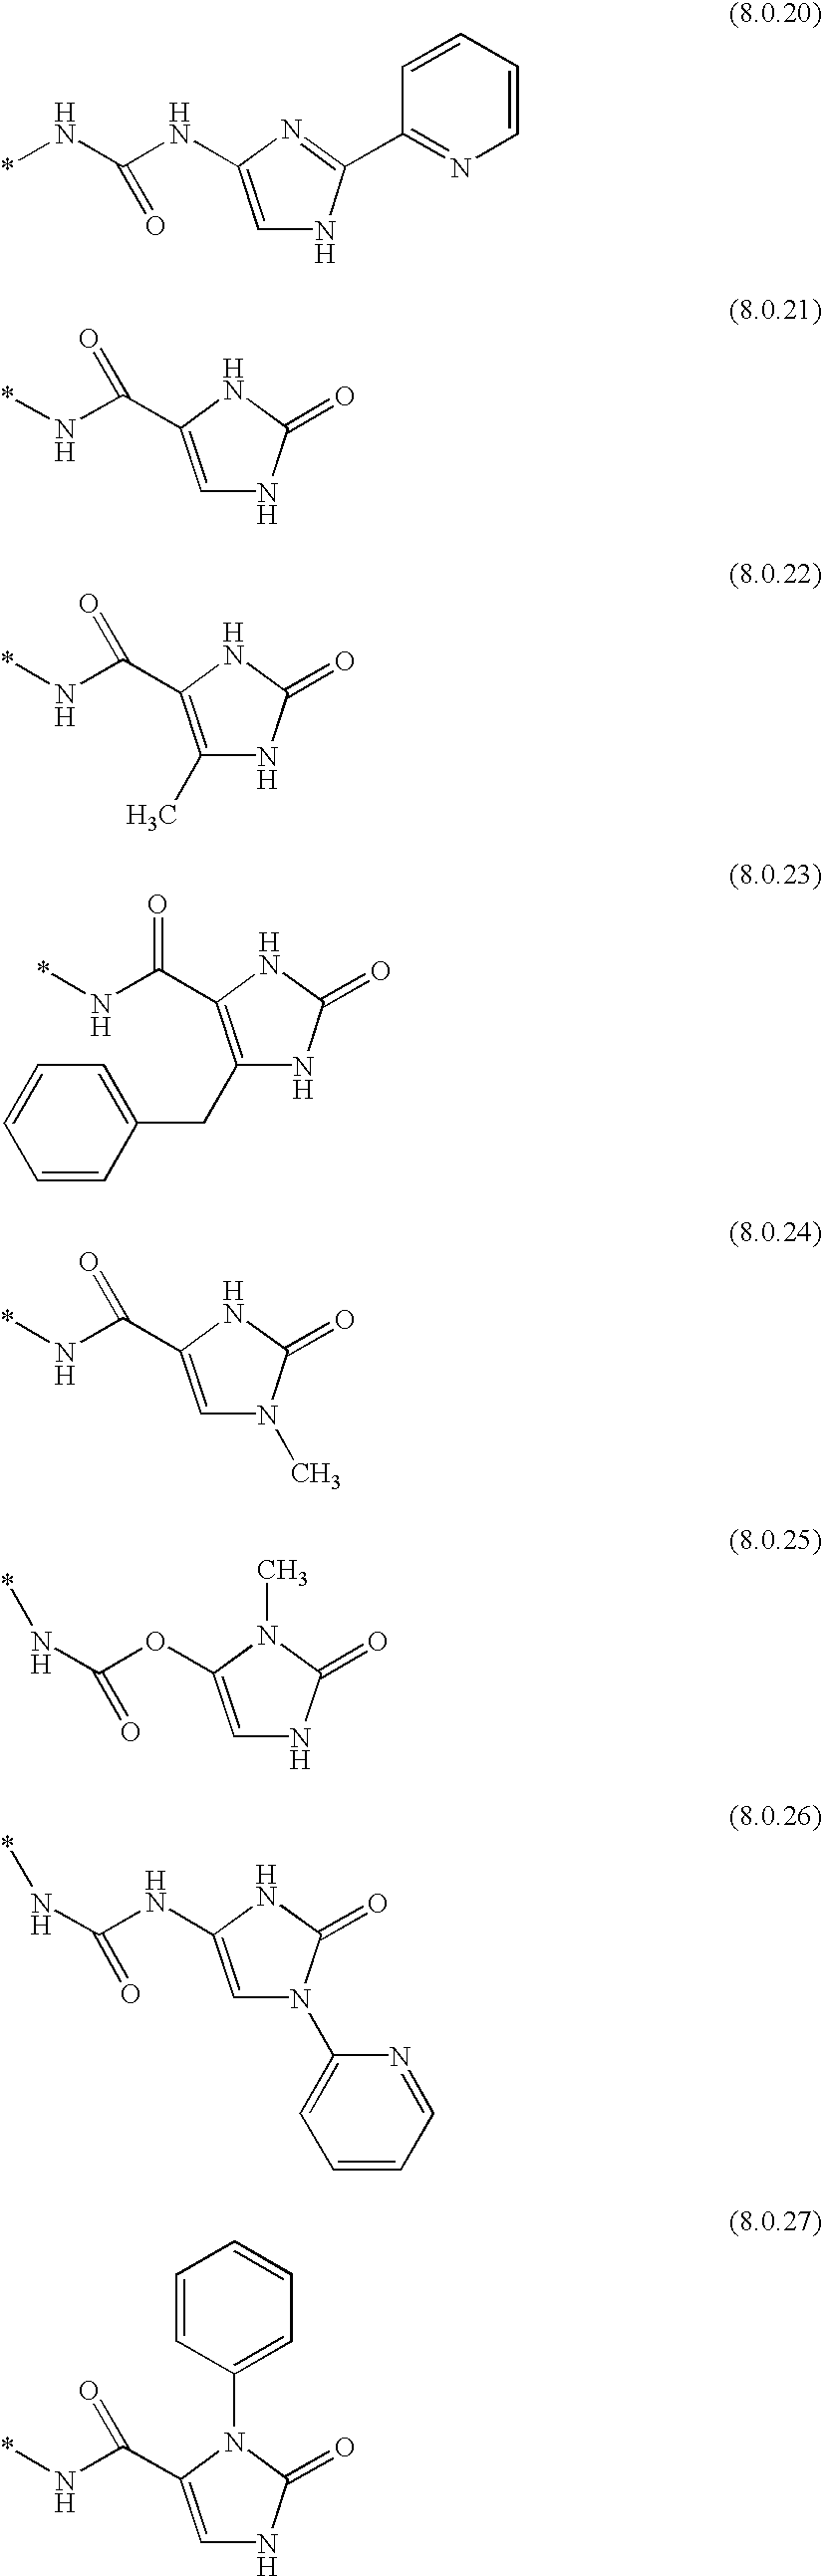 Figure US20030186974A1-20031002-C00206